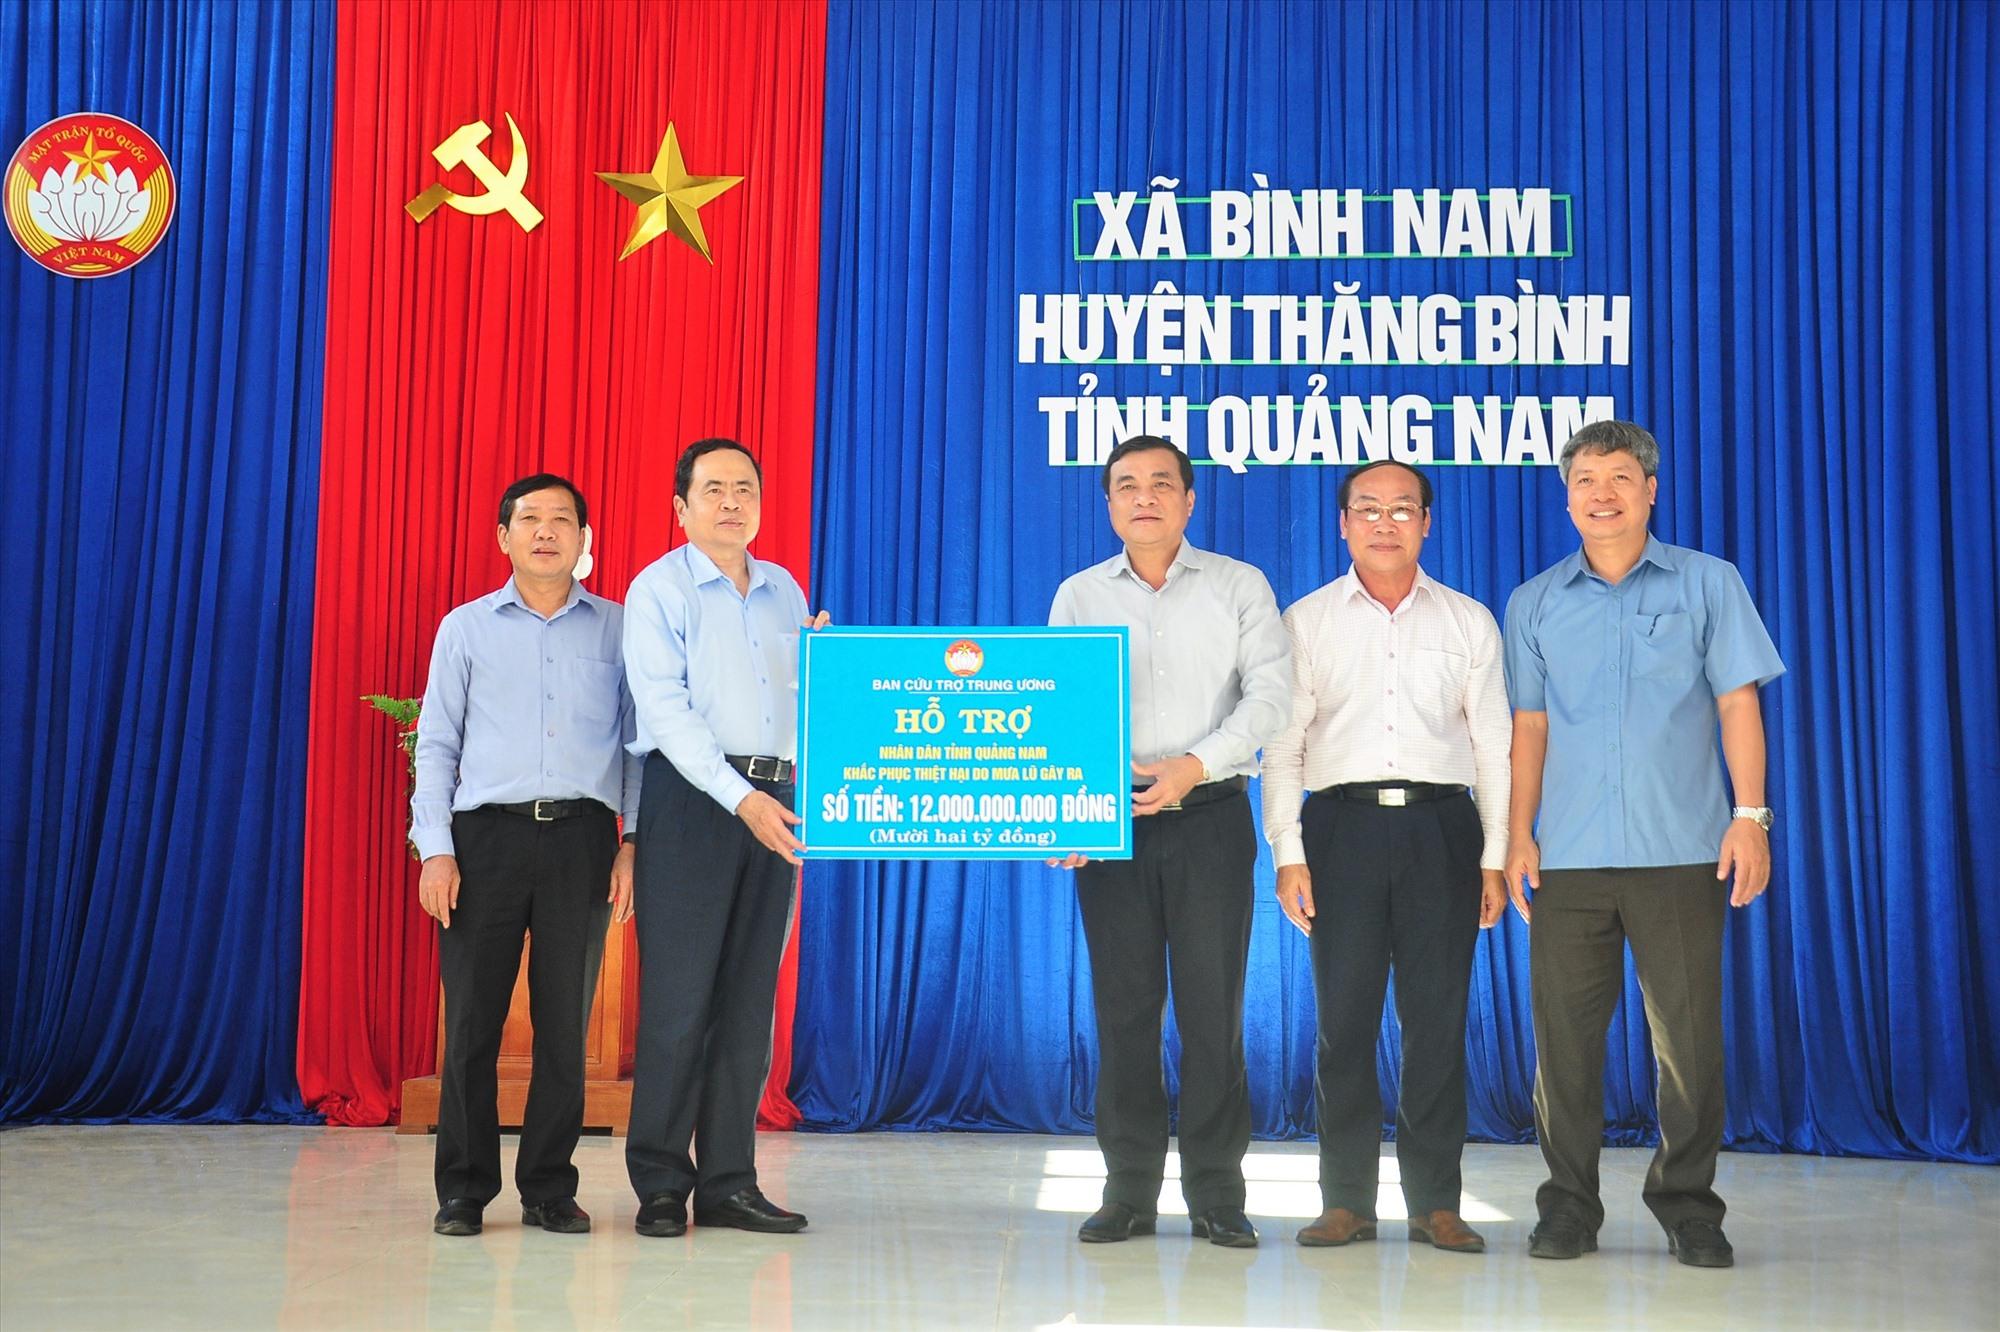 Bí thư Trung ương Đảng, Chủ tịch Ủy ban Trung ương MTTQ Việt Nam Trần Thanh Mẫn trao 12 tỷ đồng hỗ trợ Quảng Nam khắc phục hậu quả bão lũ. Ảnh: VINH ANH